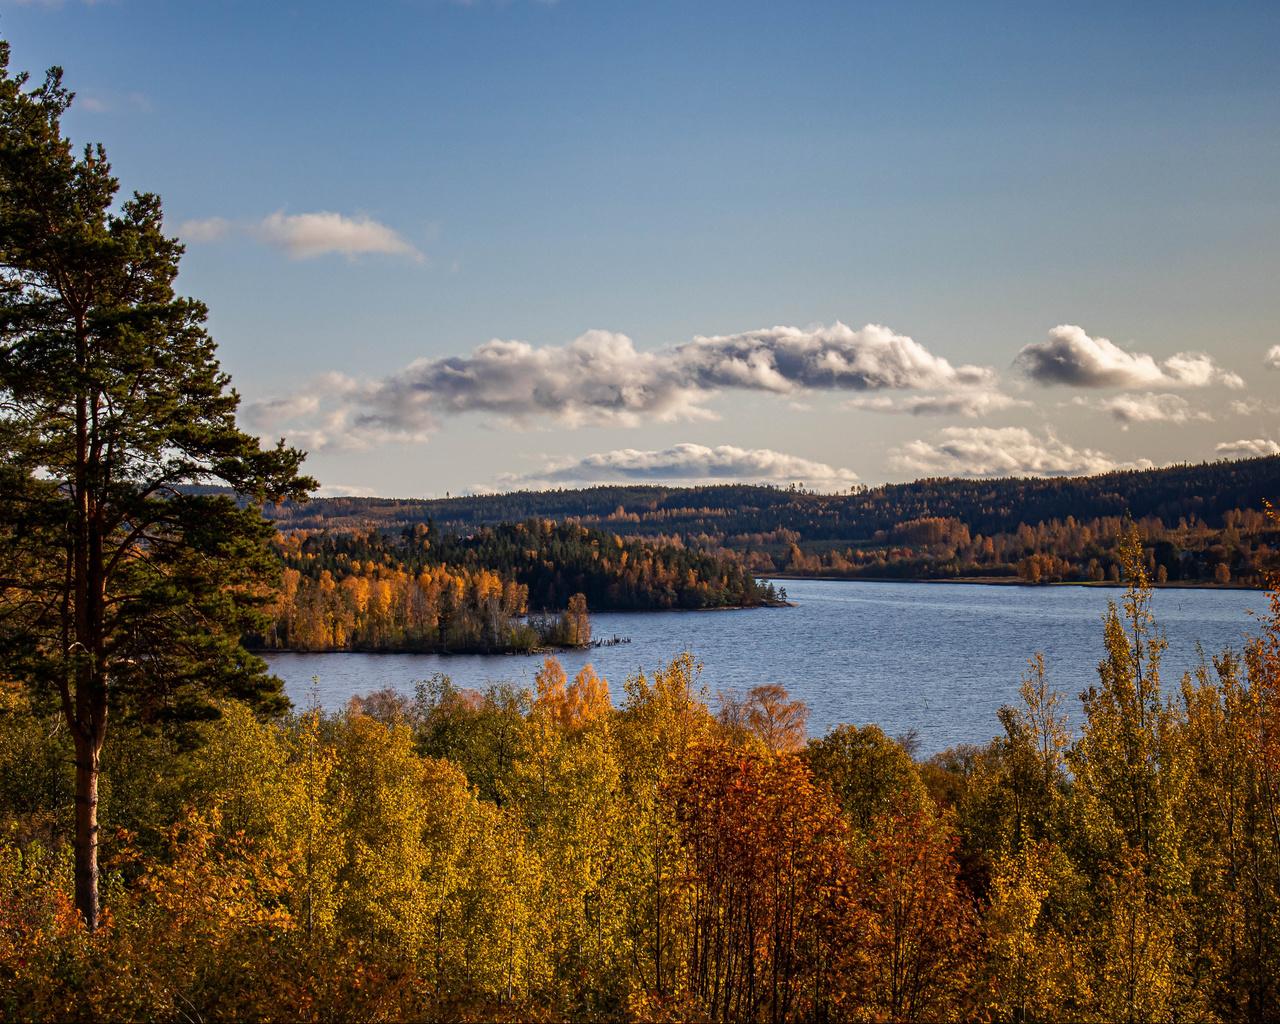 осень, озеро, деревья, ветки, лес